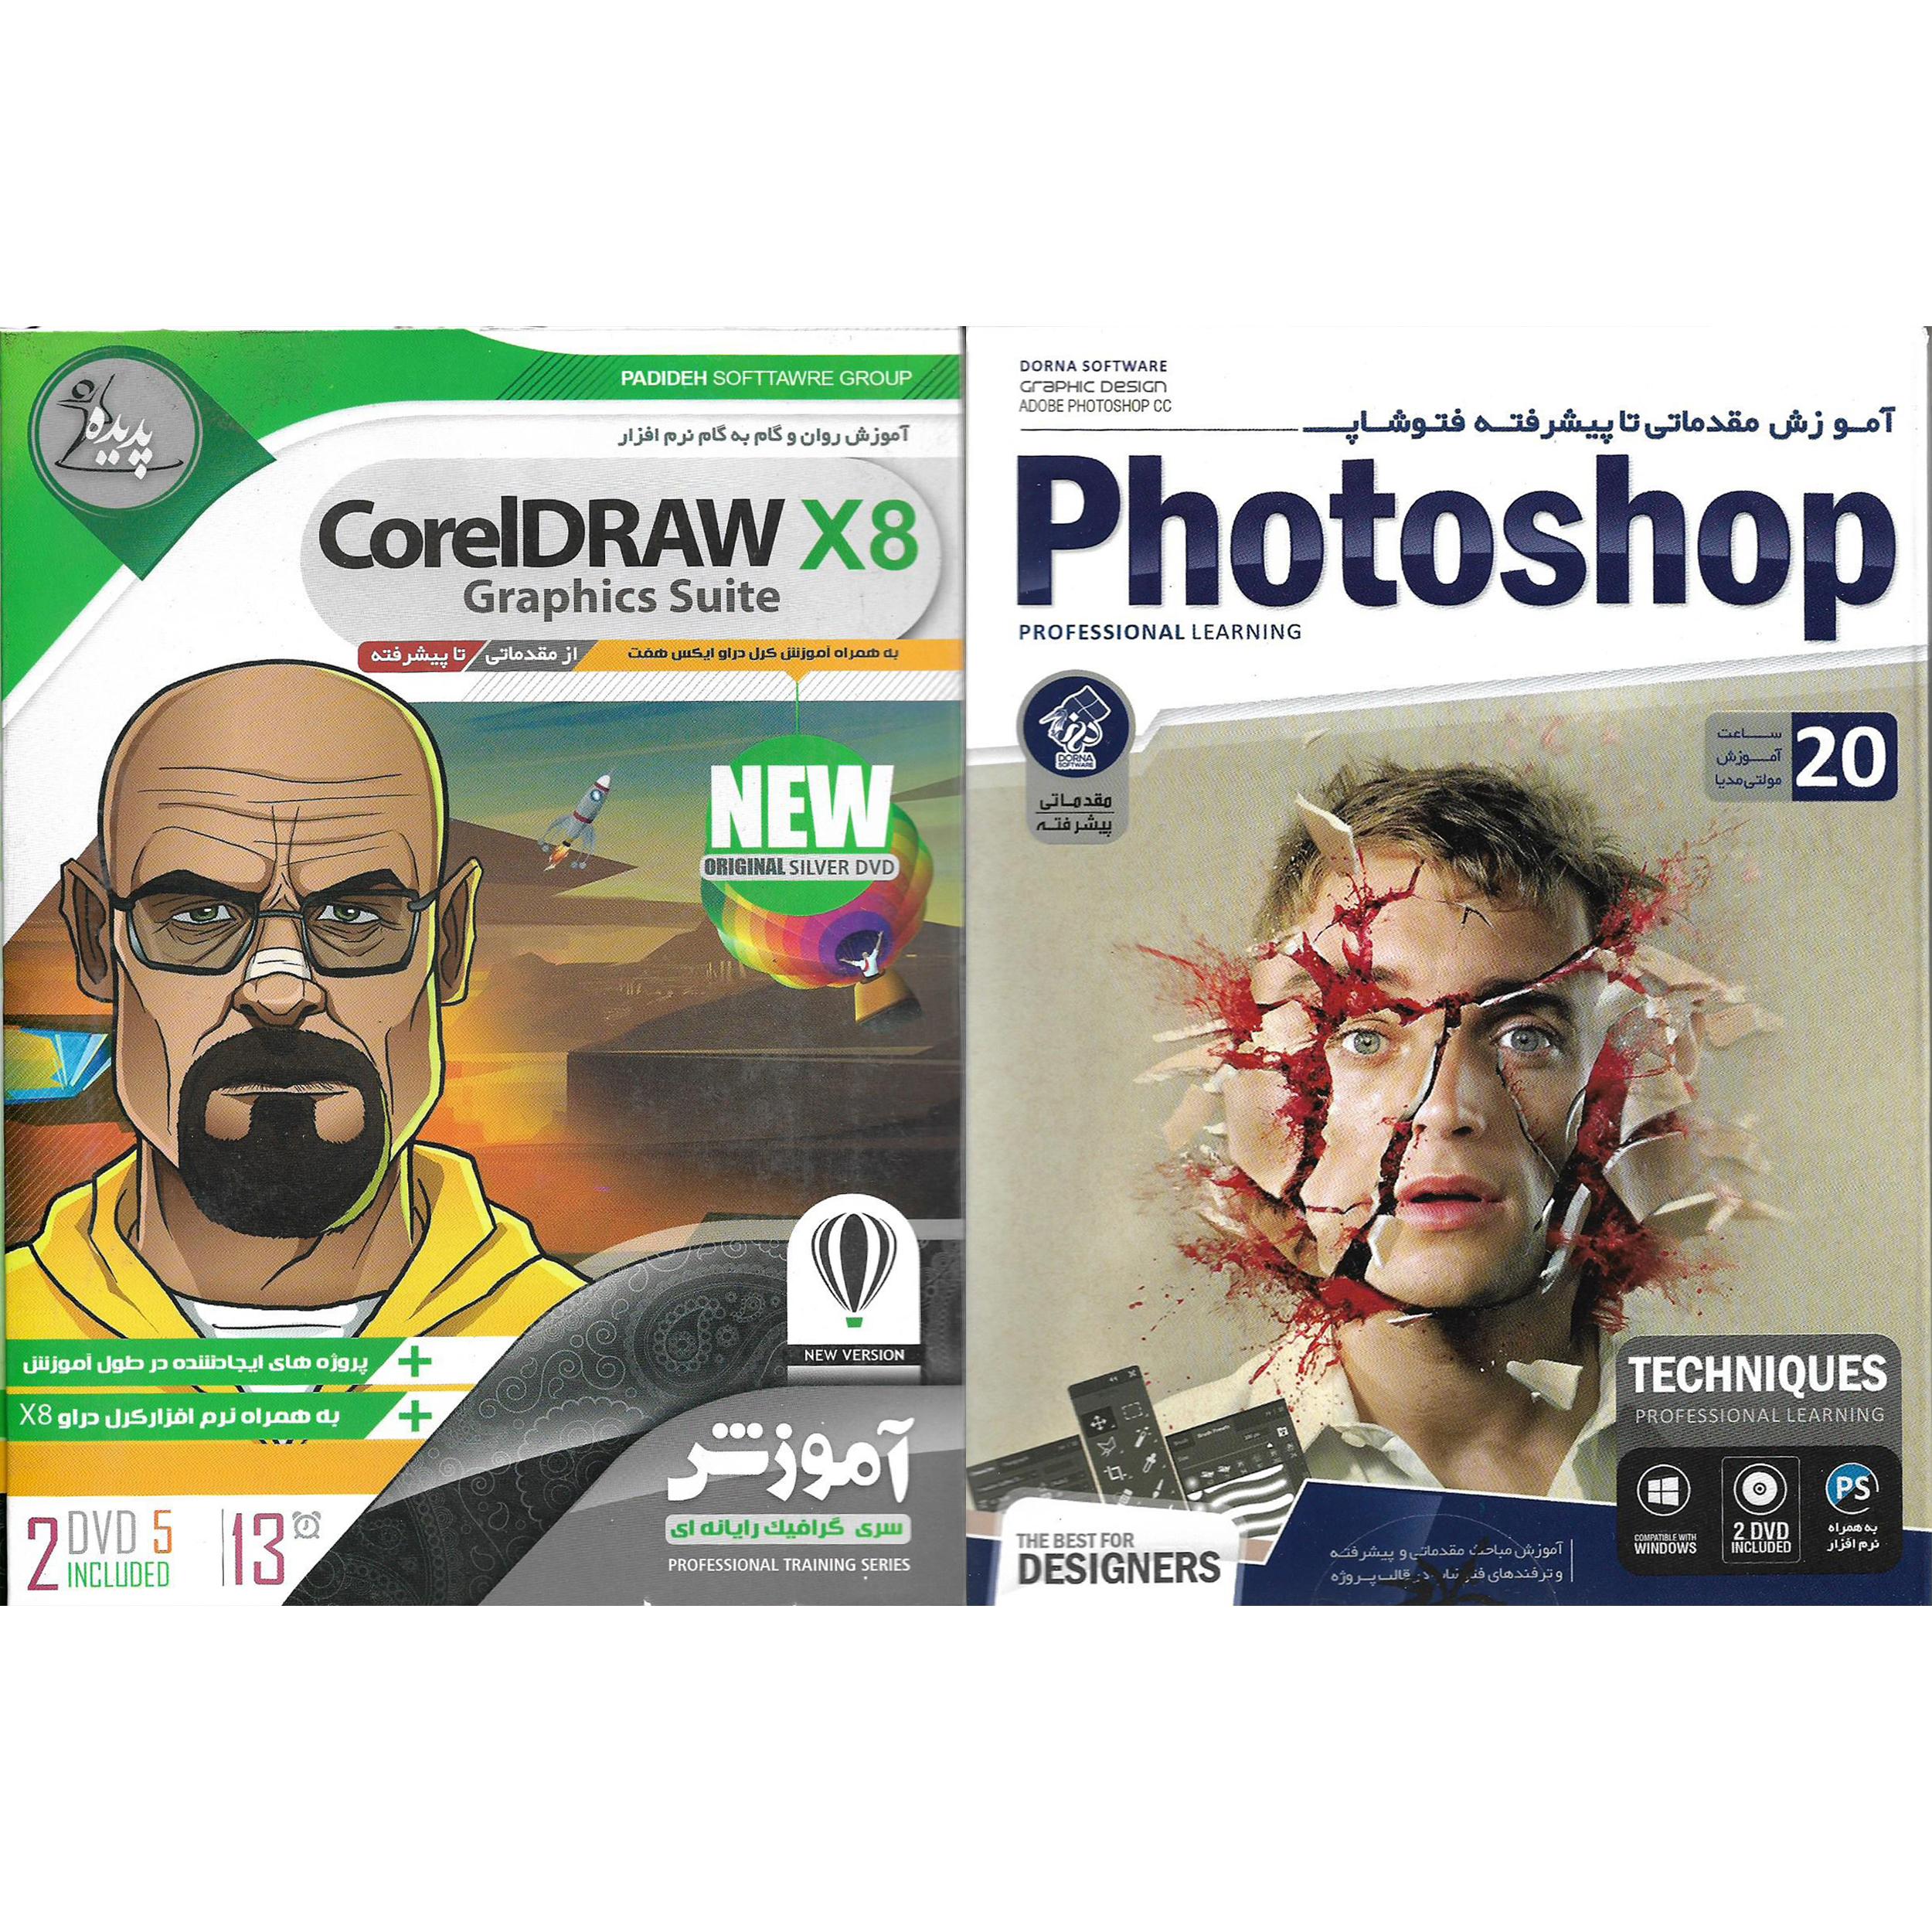 نرم افزار آموزش PhotoShop نشر درنا به همراه نرم افزار آموزش corel draw X8  نشر پدیده